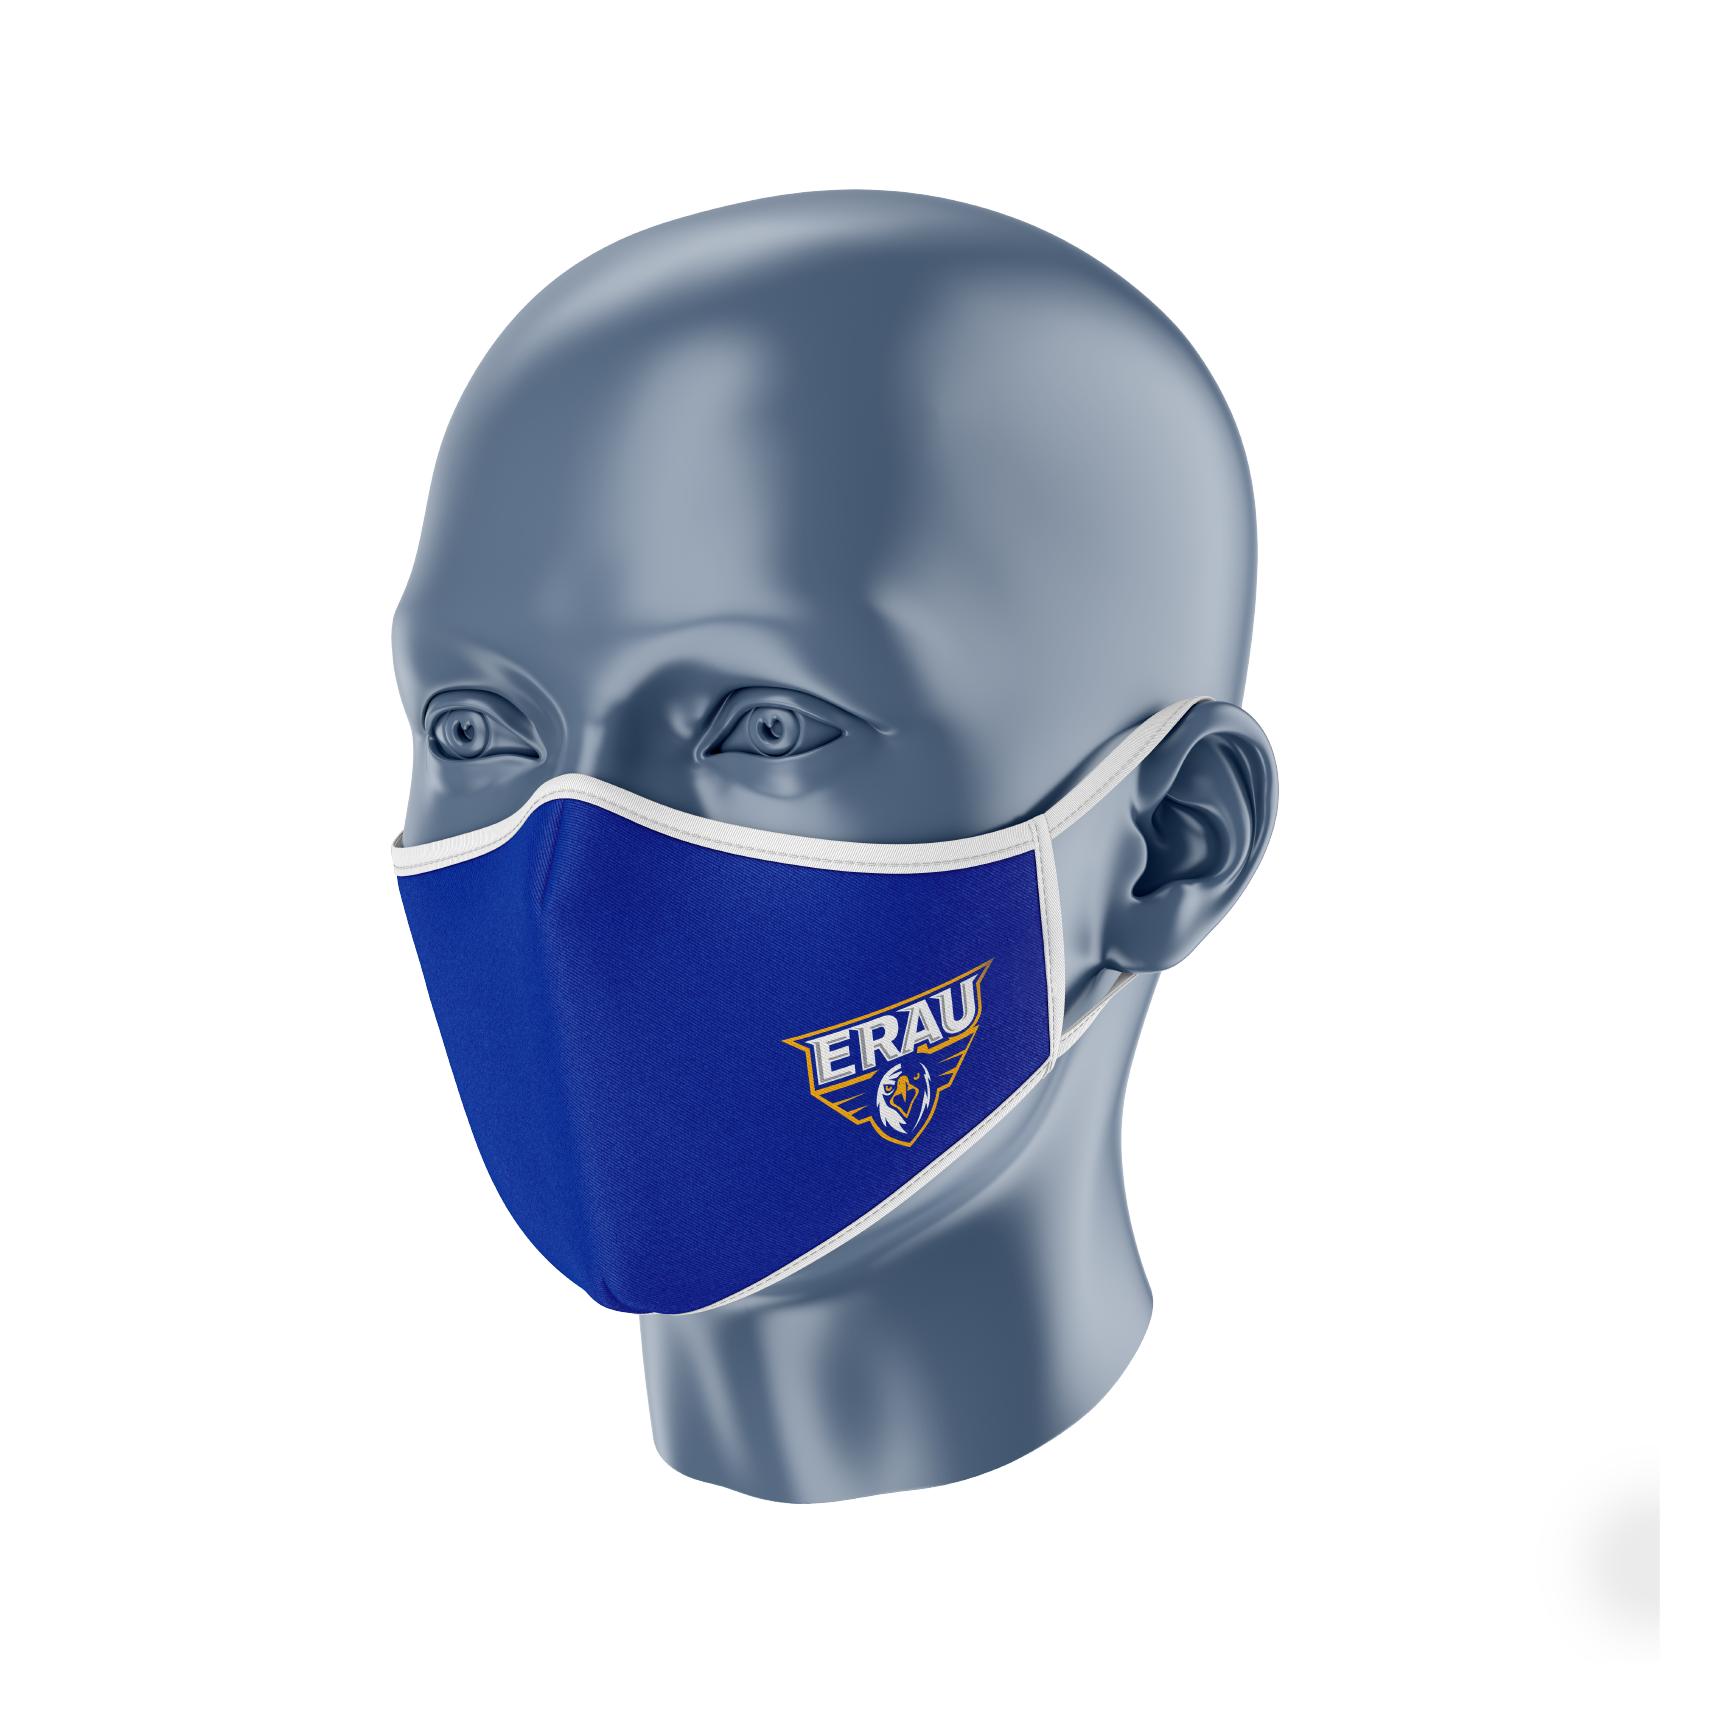 ERAU Face Mask2-01